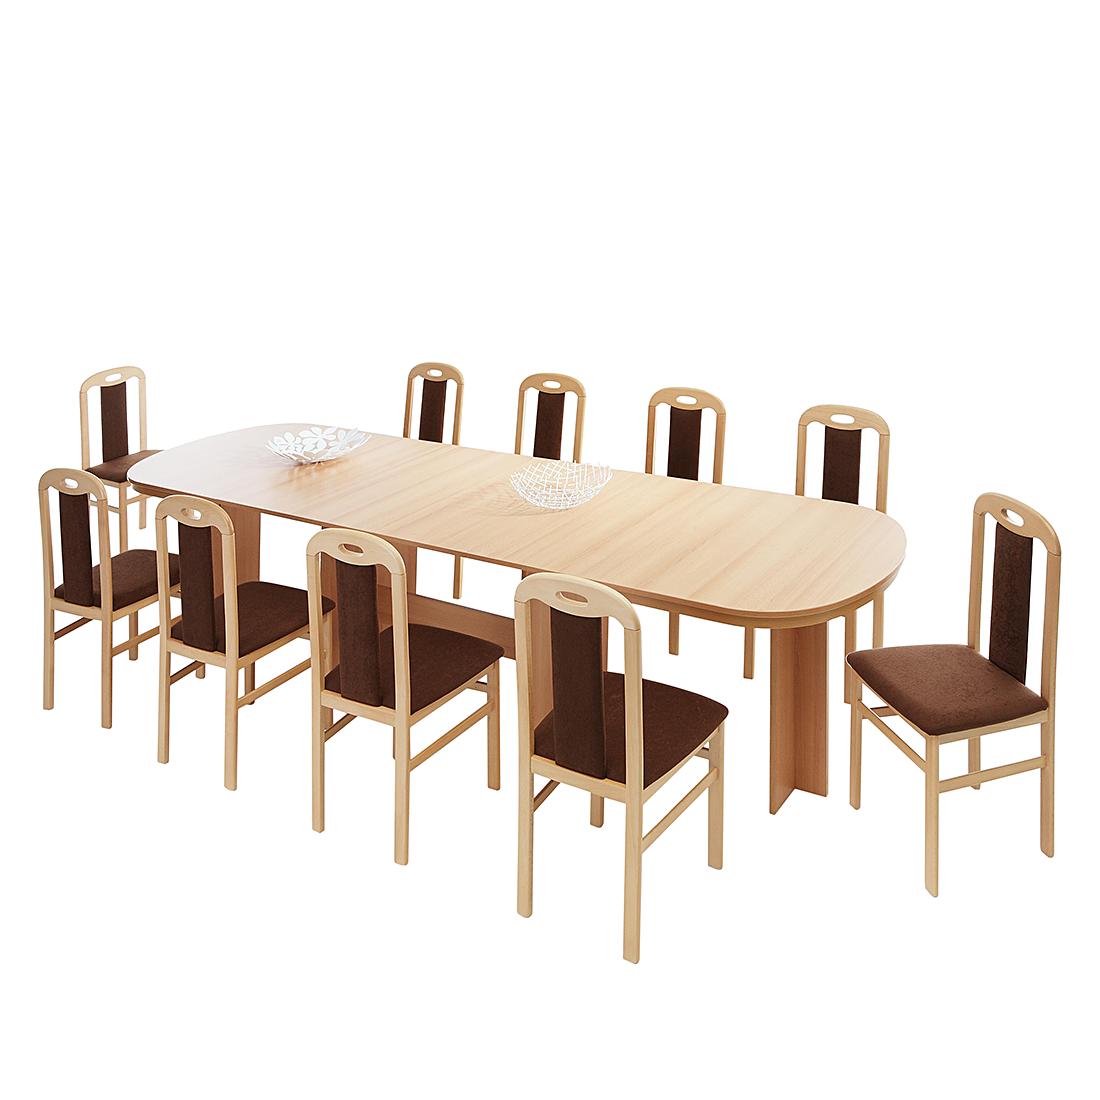 Home Design Coulissetafel Marianne - met uitschuifbaar tafelblad - beukenhoutimitatie Home24